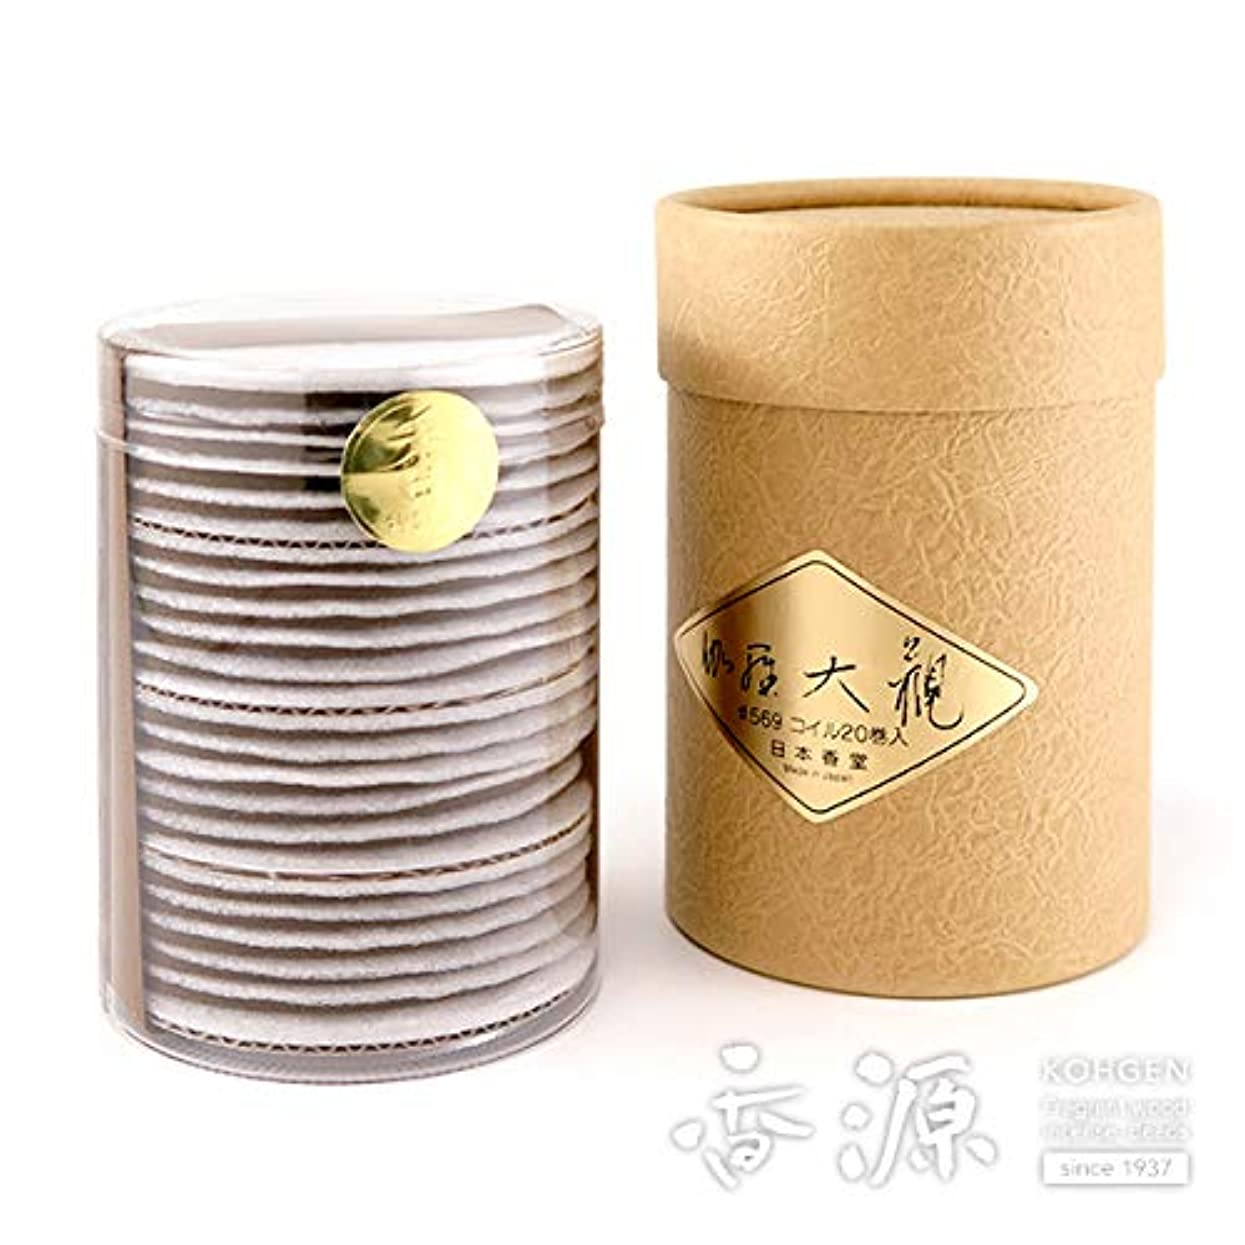 泥沼しっかりきょうだい日本香堂のお香 伽羅大観 徳用渦巻20枚入